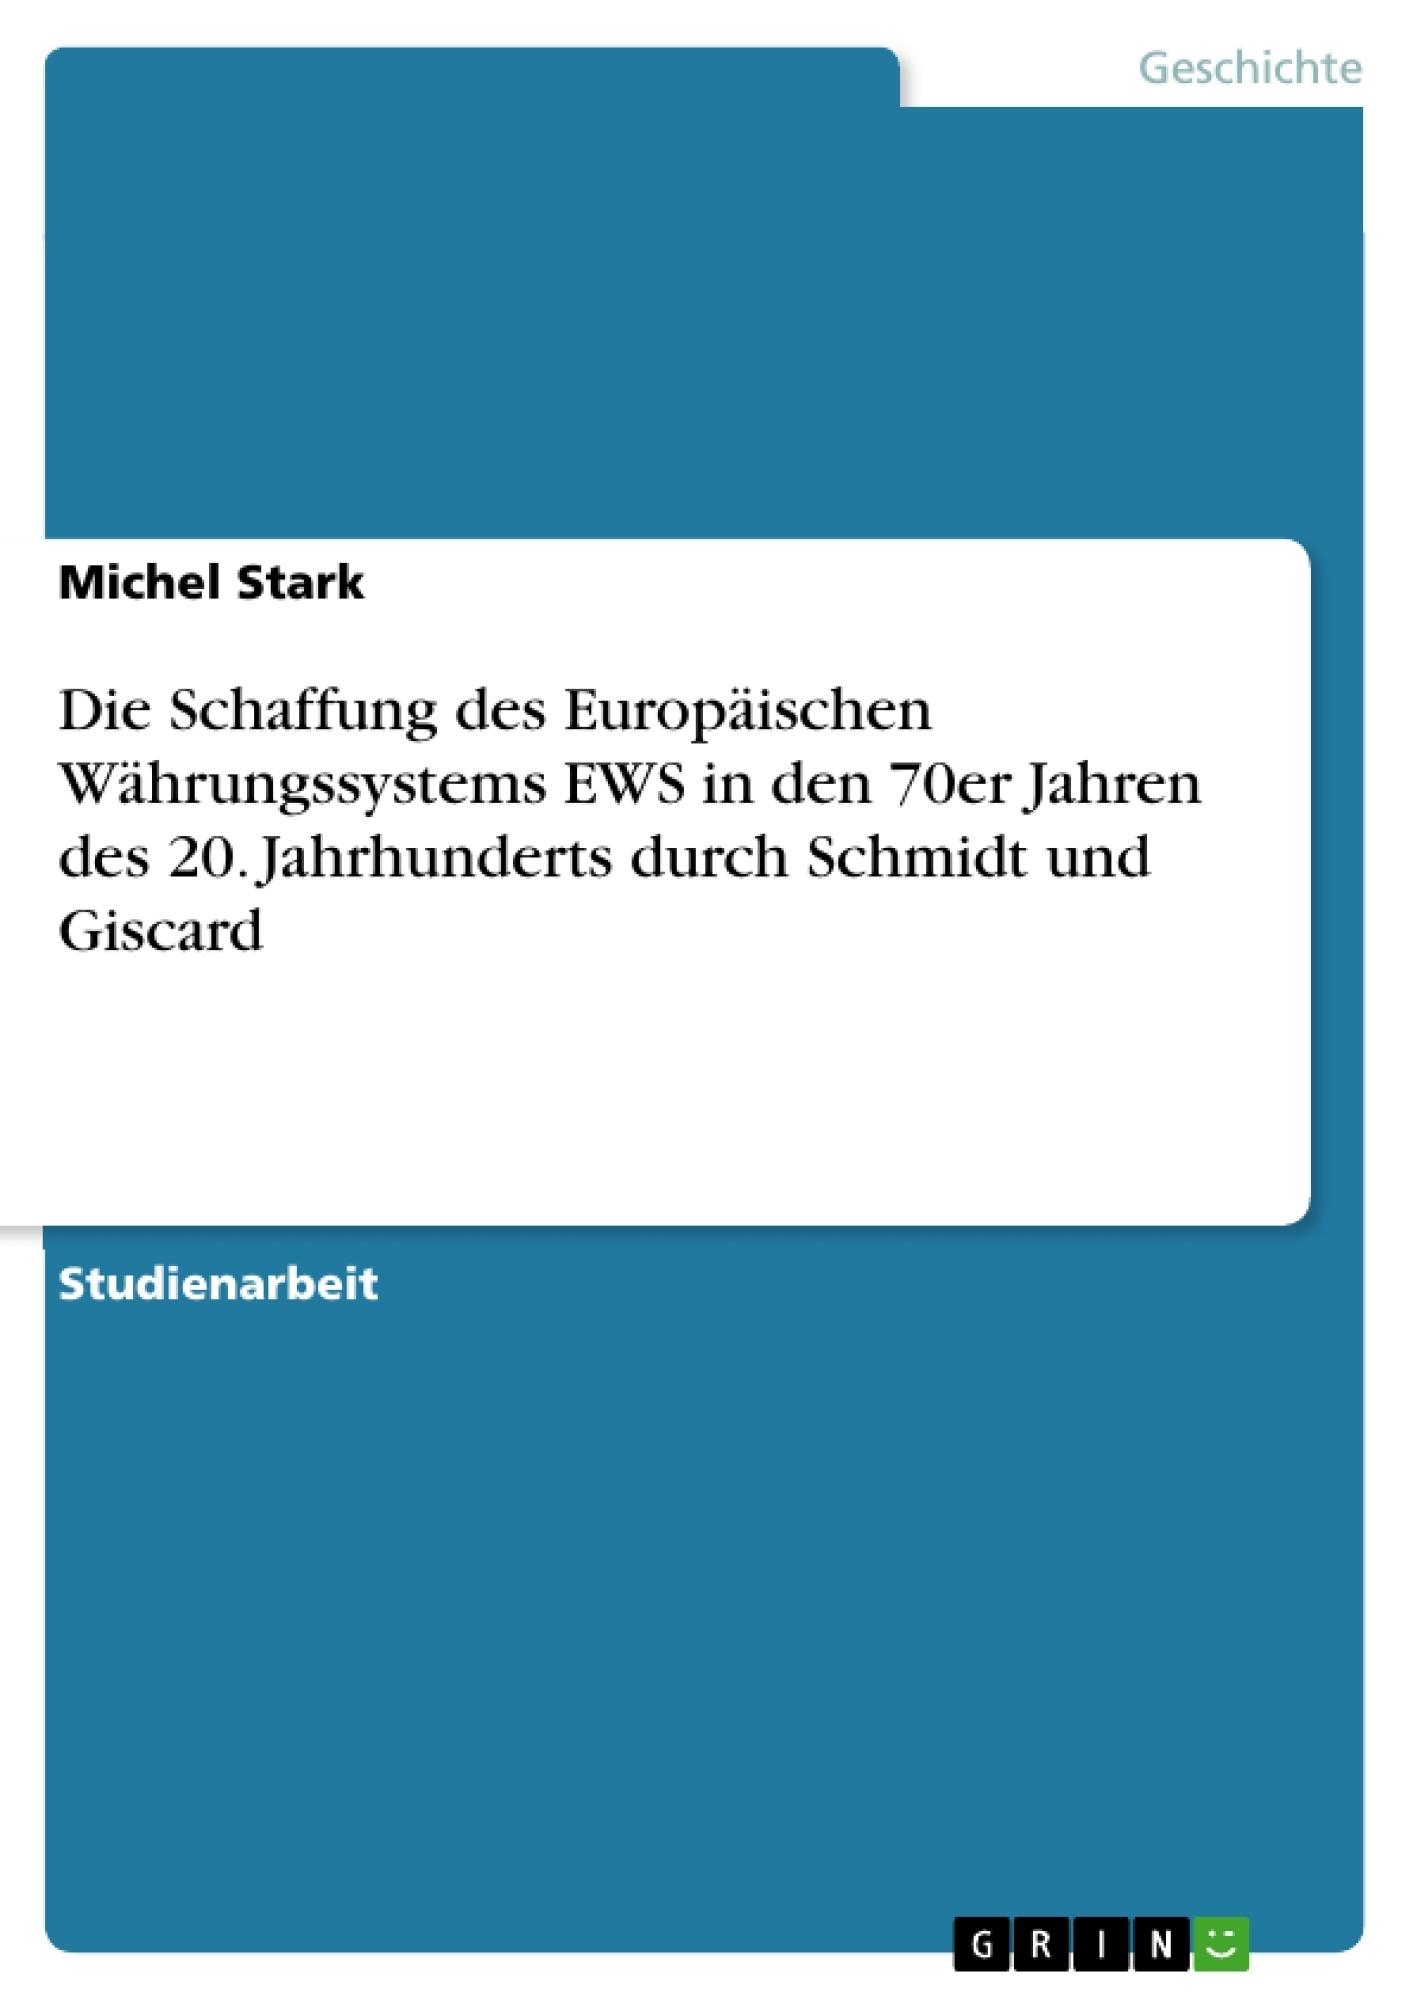 Titel: Die Schaffung des Europäischen Währungssystems EWS in den 70er Jahren des 20. Jahrhunderts durch Schmidt und Giscard